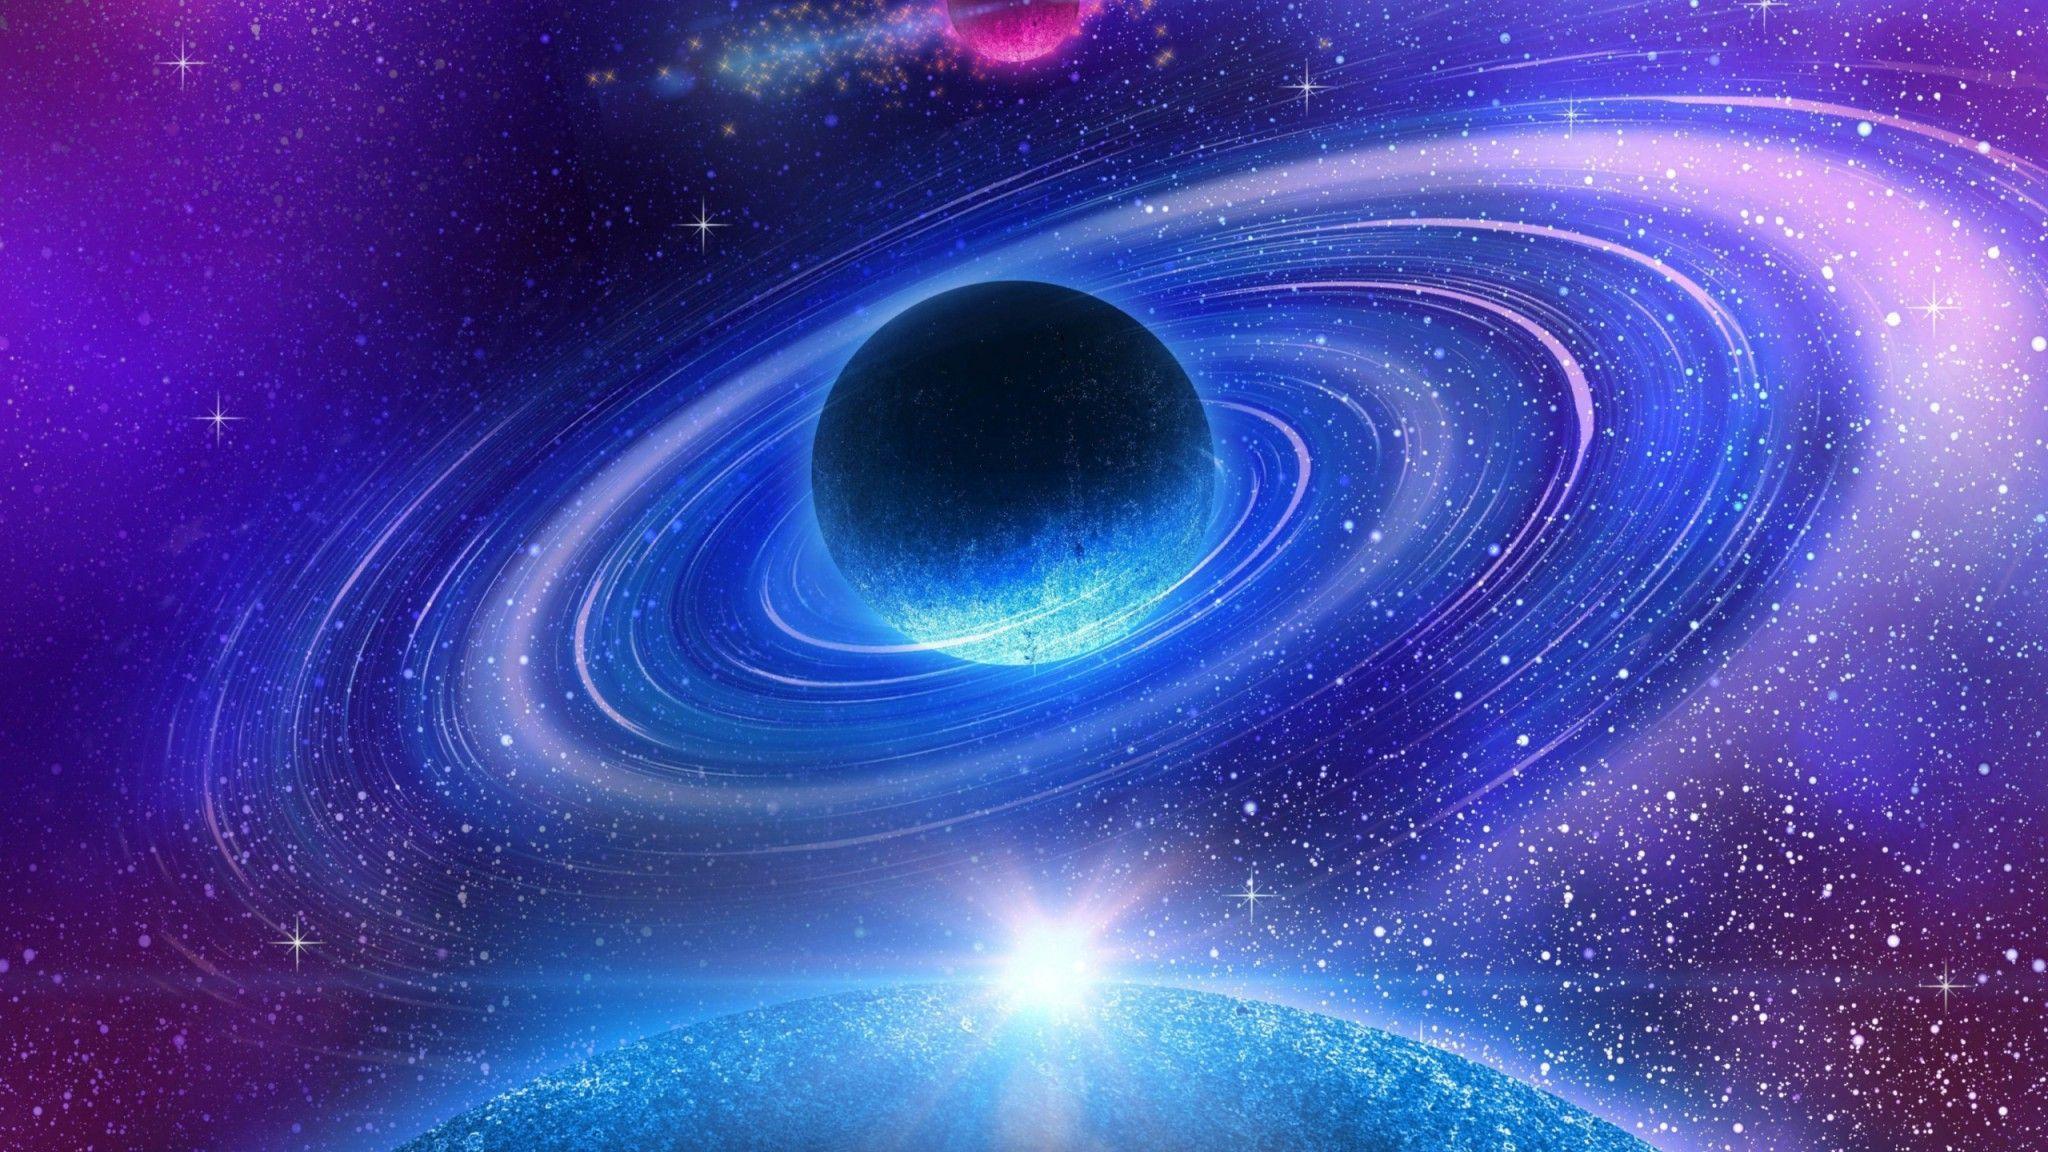 Télécharger 2048x1152 Espace étoile Galaxie Nébuleuse